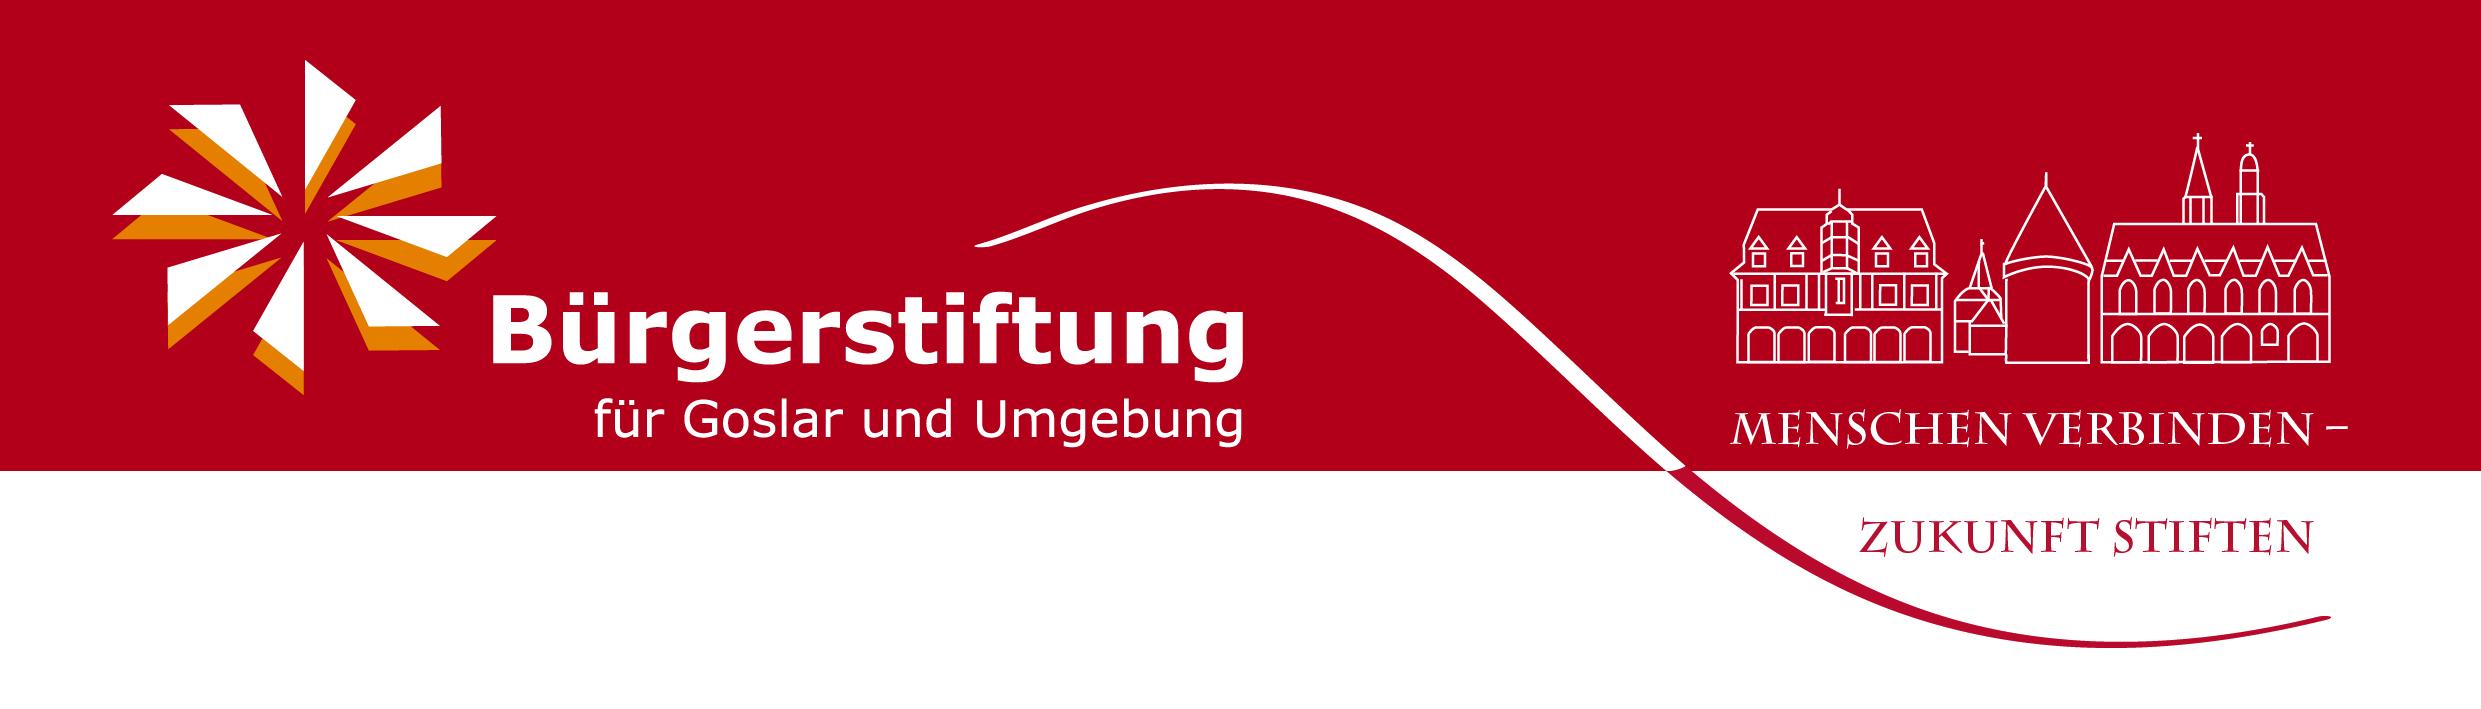 Steinway_Wolfshagen_Bürgerstiftung